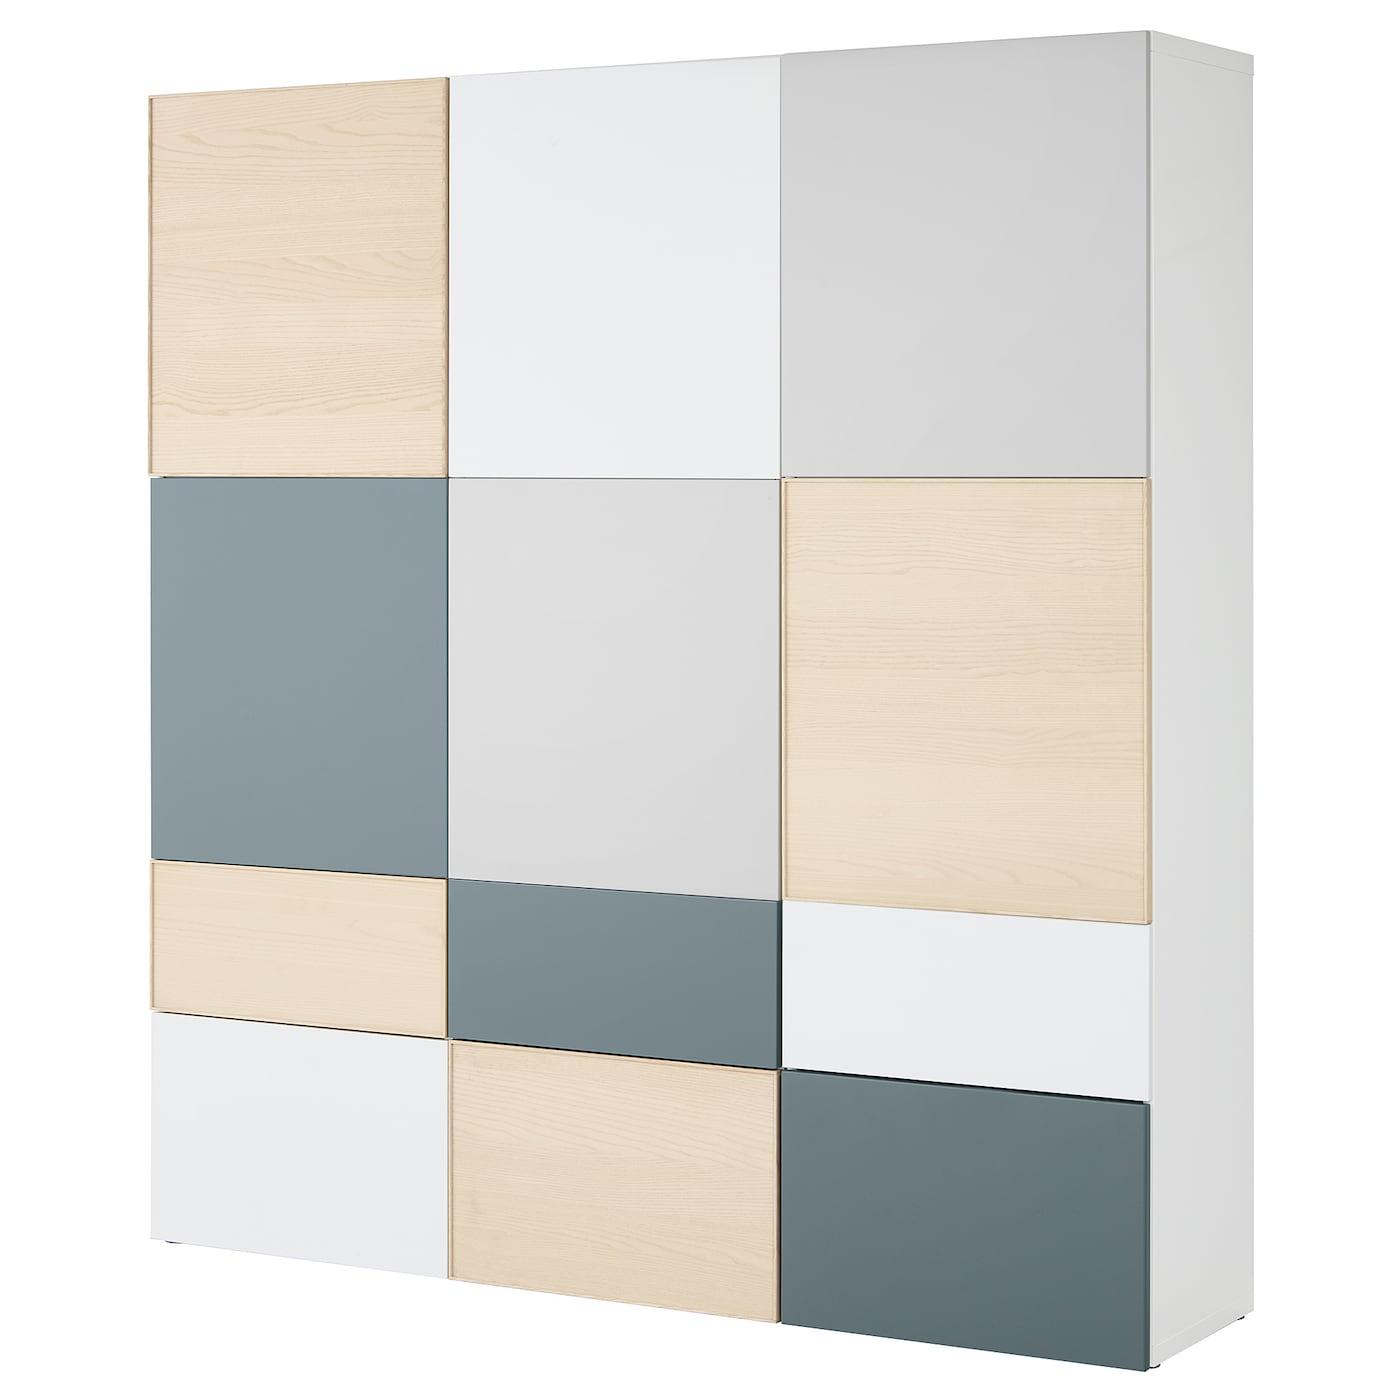 best combi rgt portes tiroirs blanc gris clair gris turquoise plaqu fr ne 180x42x192 cm ikea. Black Bedroom Furniture Sets. Home Design Ideas